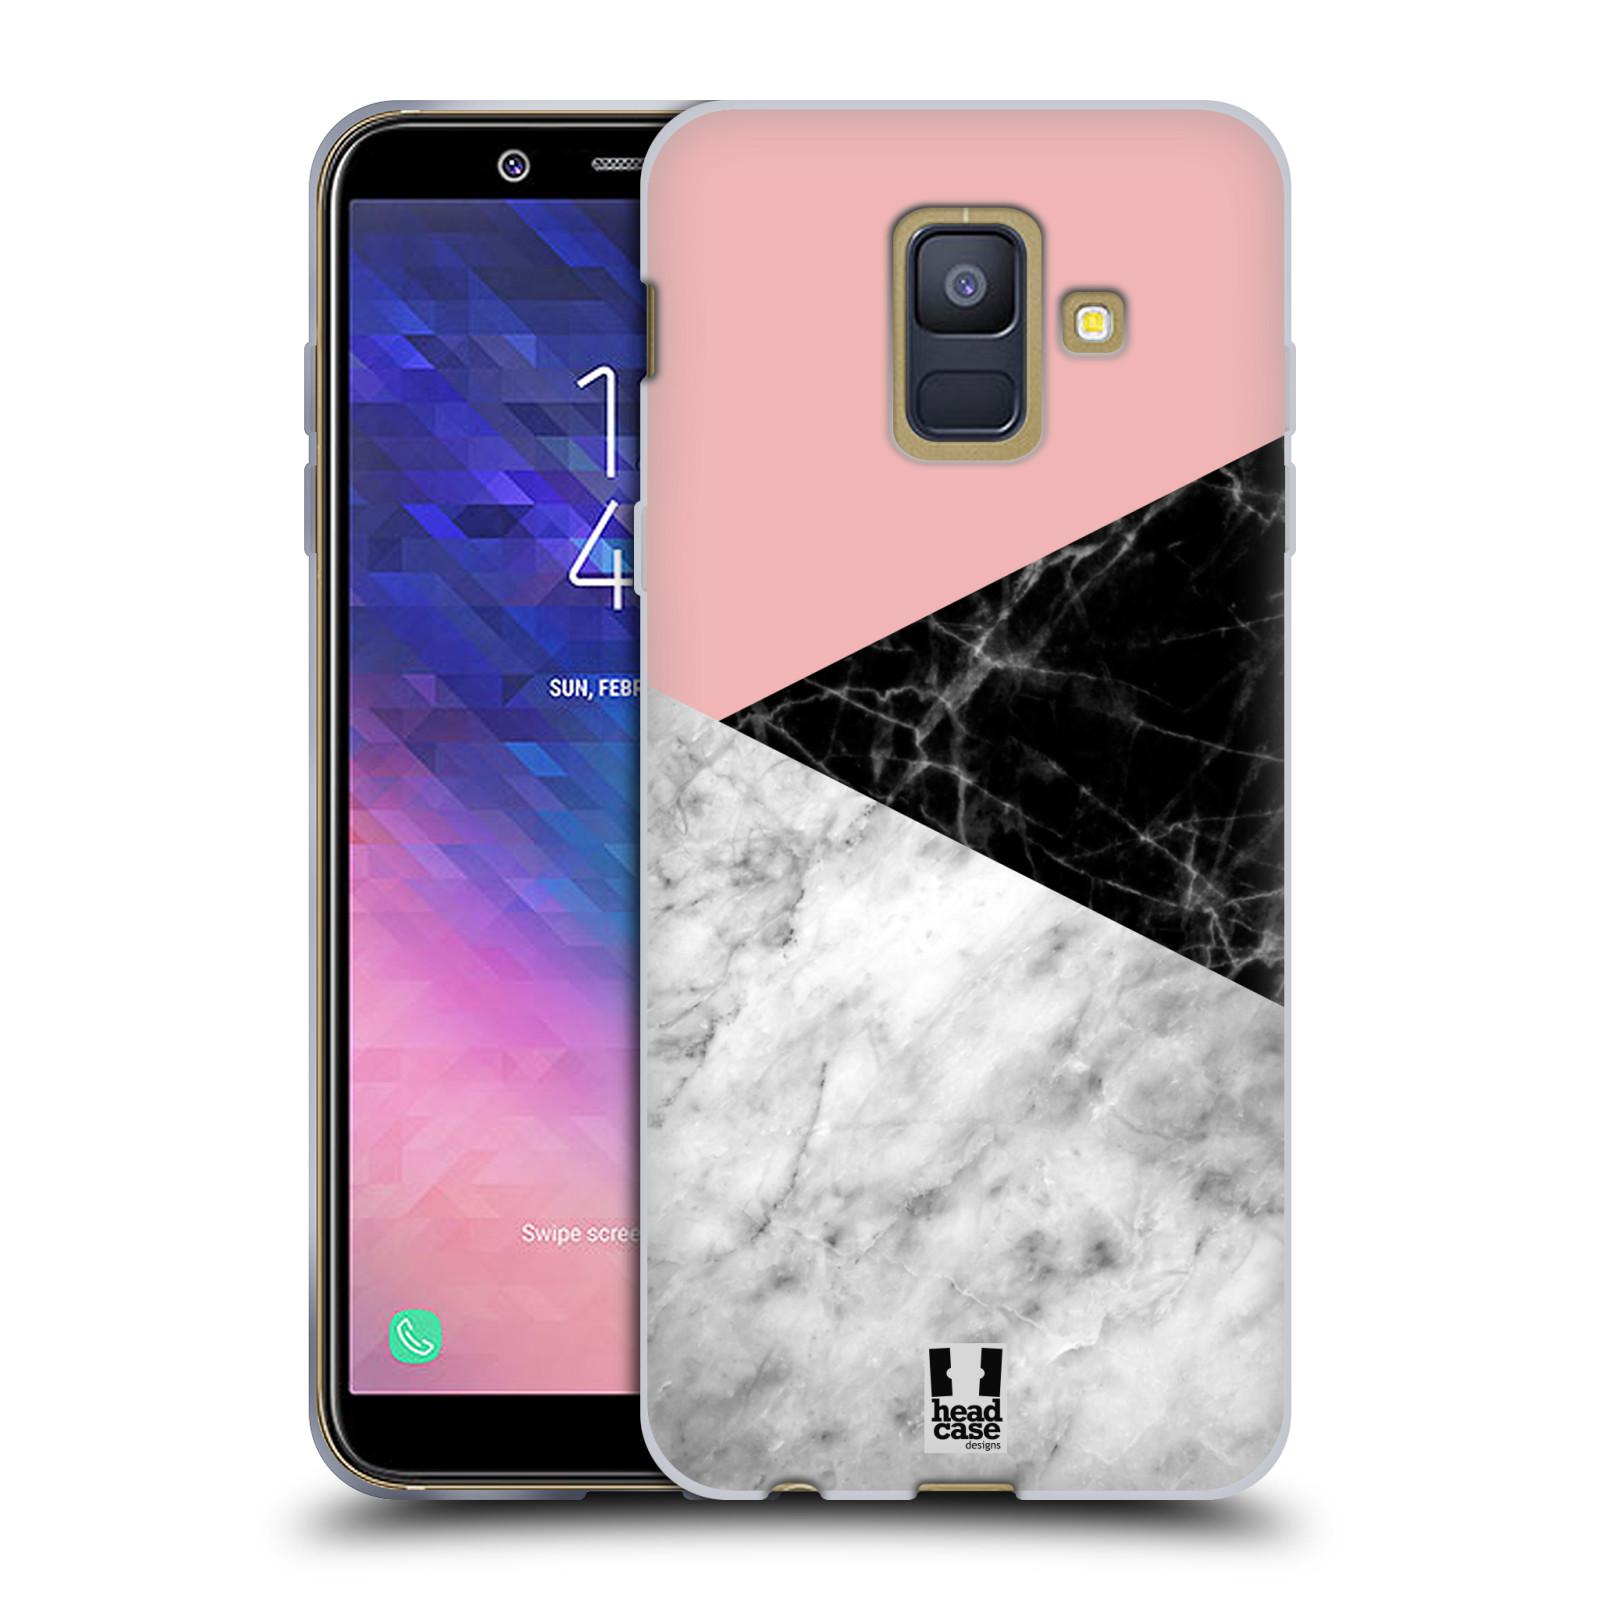 Silikonové pouzdro na mobil Samsung Galaxy A6 (2018) - Head Case - Mramor mix